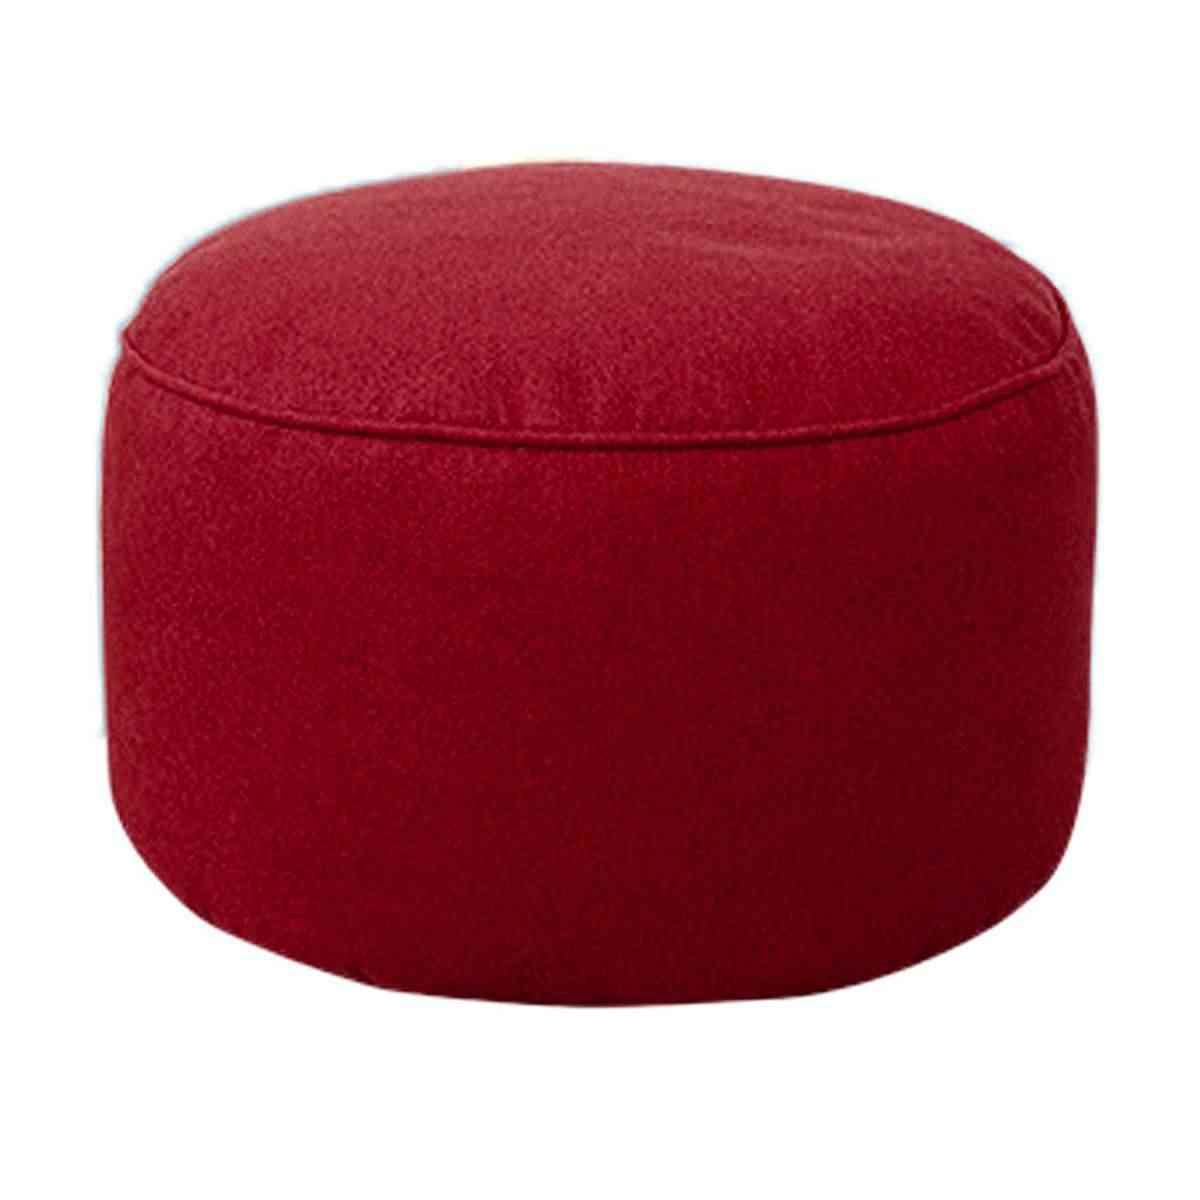 Algodão Tampa início sofá Escabelo rodada Sacos de Feijão Espreguiçadeira Sofá fezes Capa Lavável Sem Enchimento Macio para a mesa da sala de estar